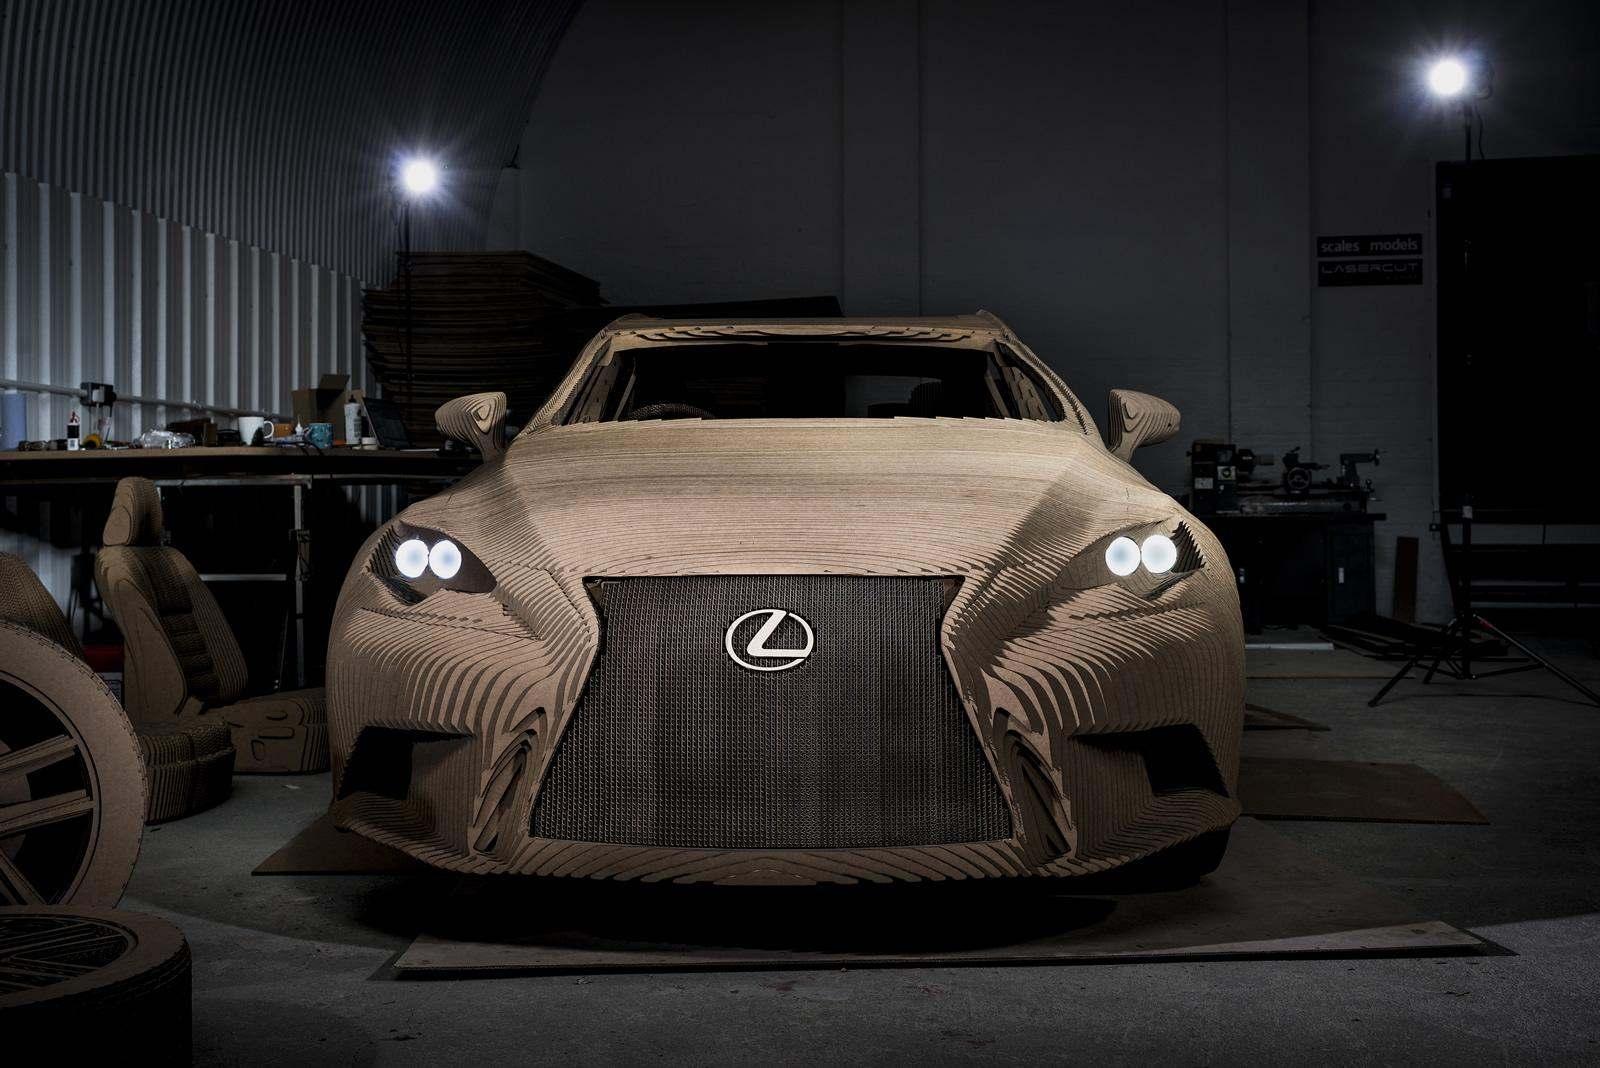 [Image: S0-Lexus-devoile-une-IS-roulante-en-carton-363725.jpg]